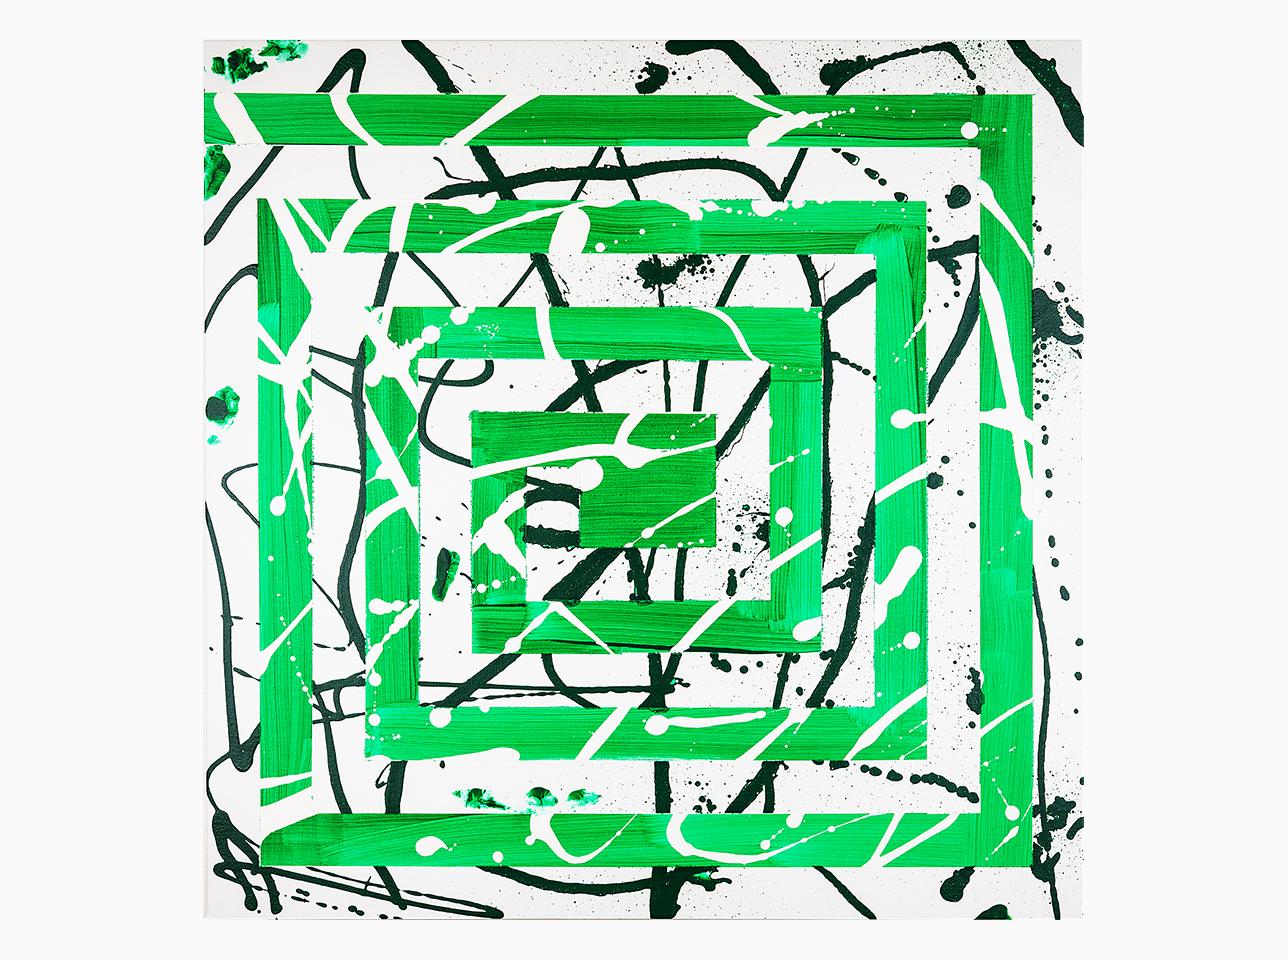 Mäander Grün abstraktes Gemälde von Ruth Schilling